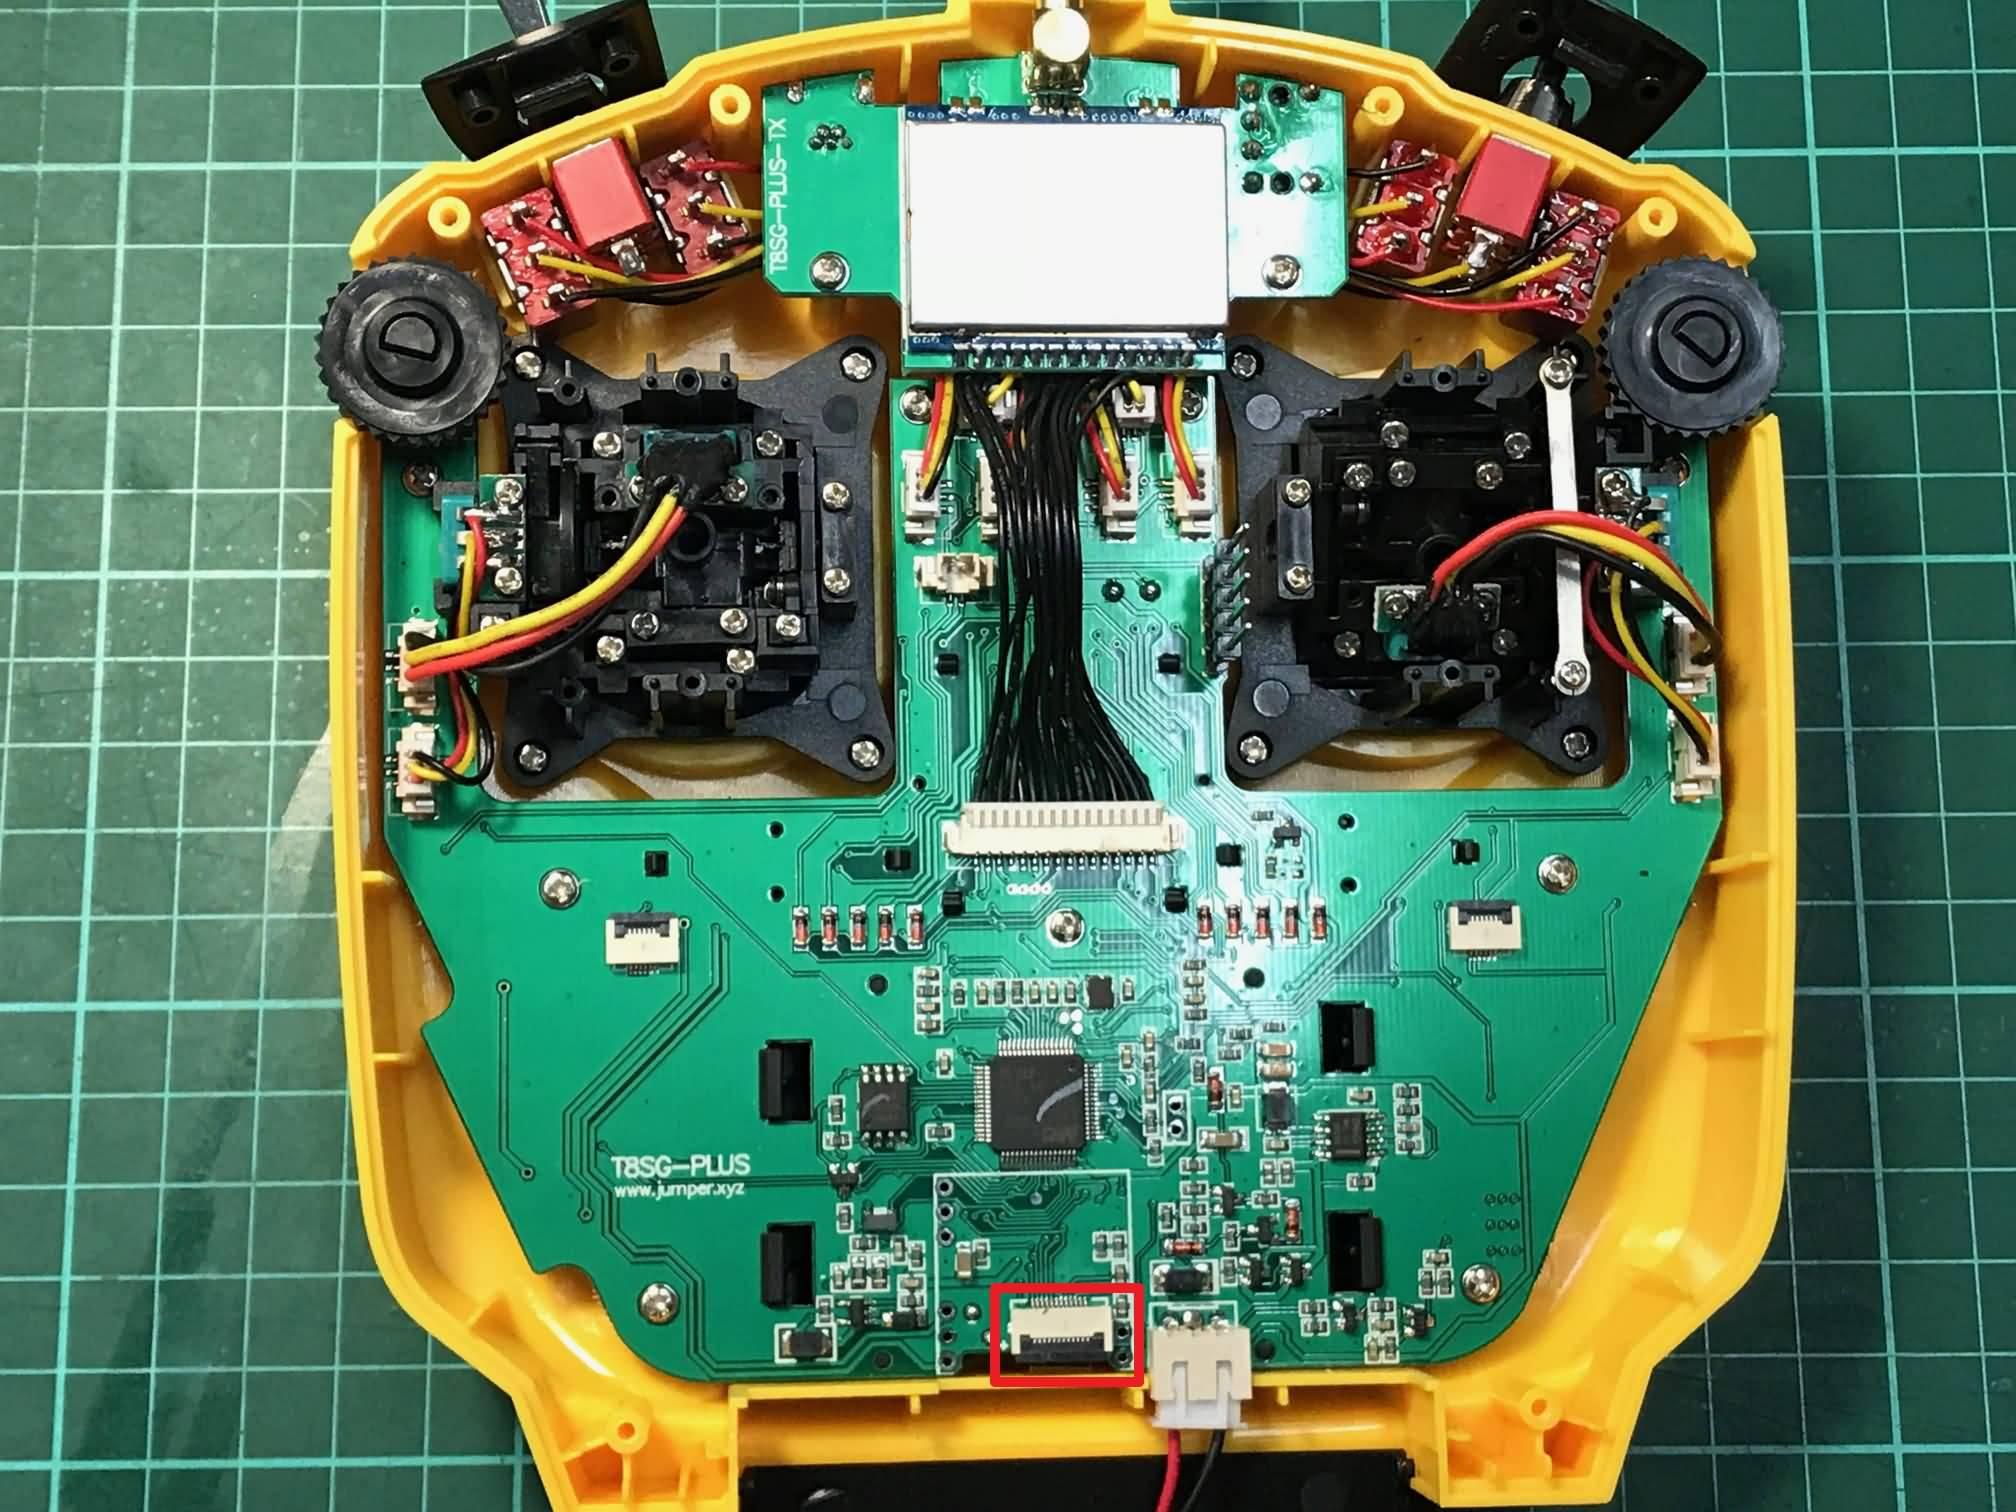 jumper t8sg v2 plus  Deviation - Jumper T8SG V2 plus transmitter - DEVIATION Forum